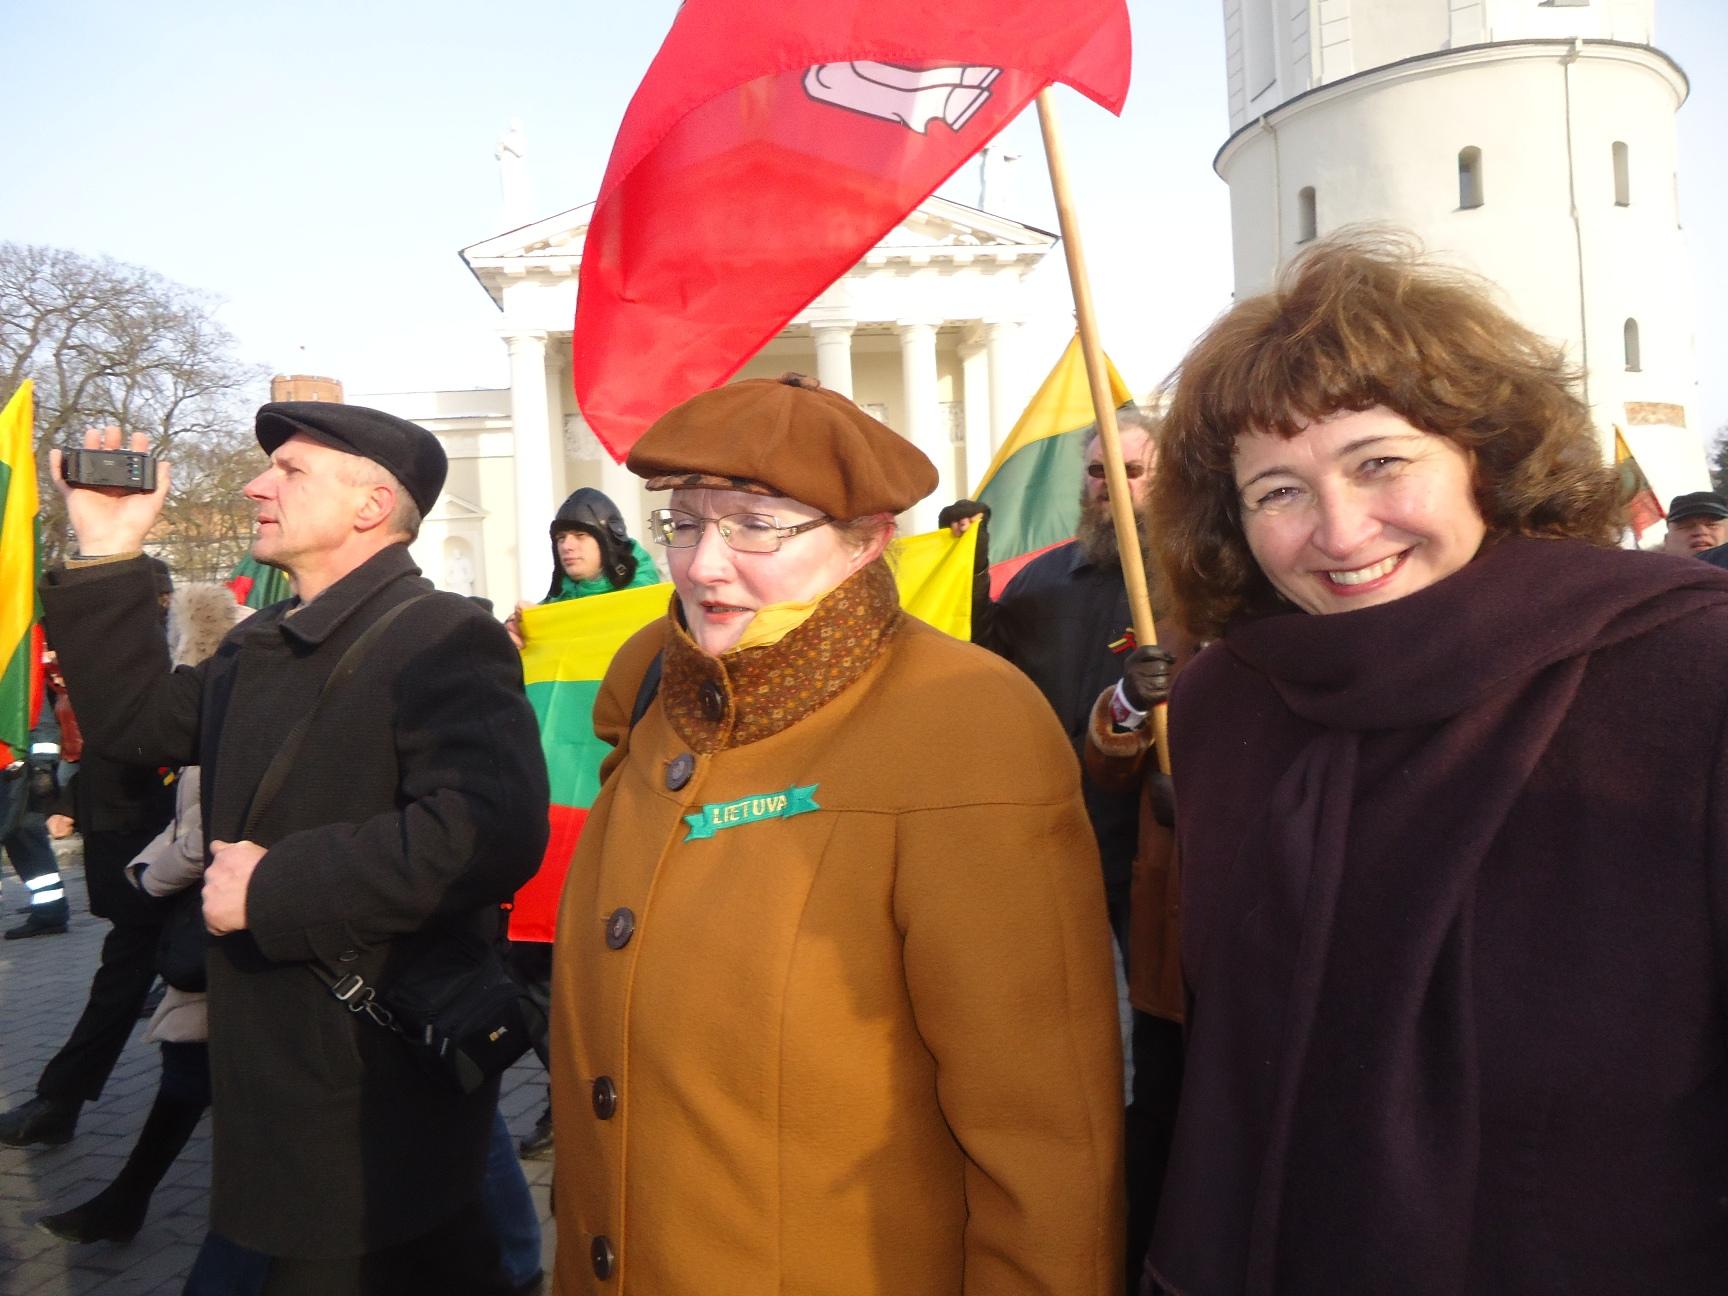 Kovo 11-osios eitynės Vilniuje. Viduryje - Irena Vasinauskaitė | ekspertai.eu nuotr.